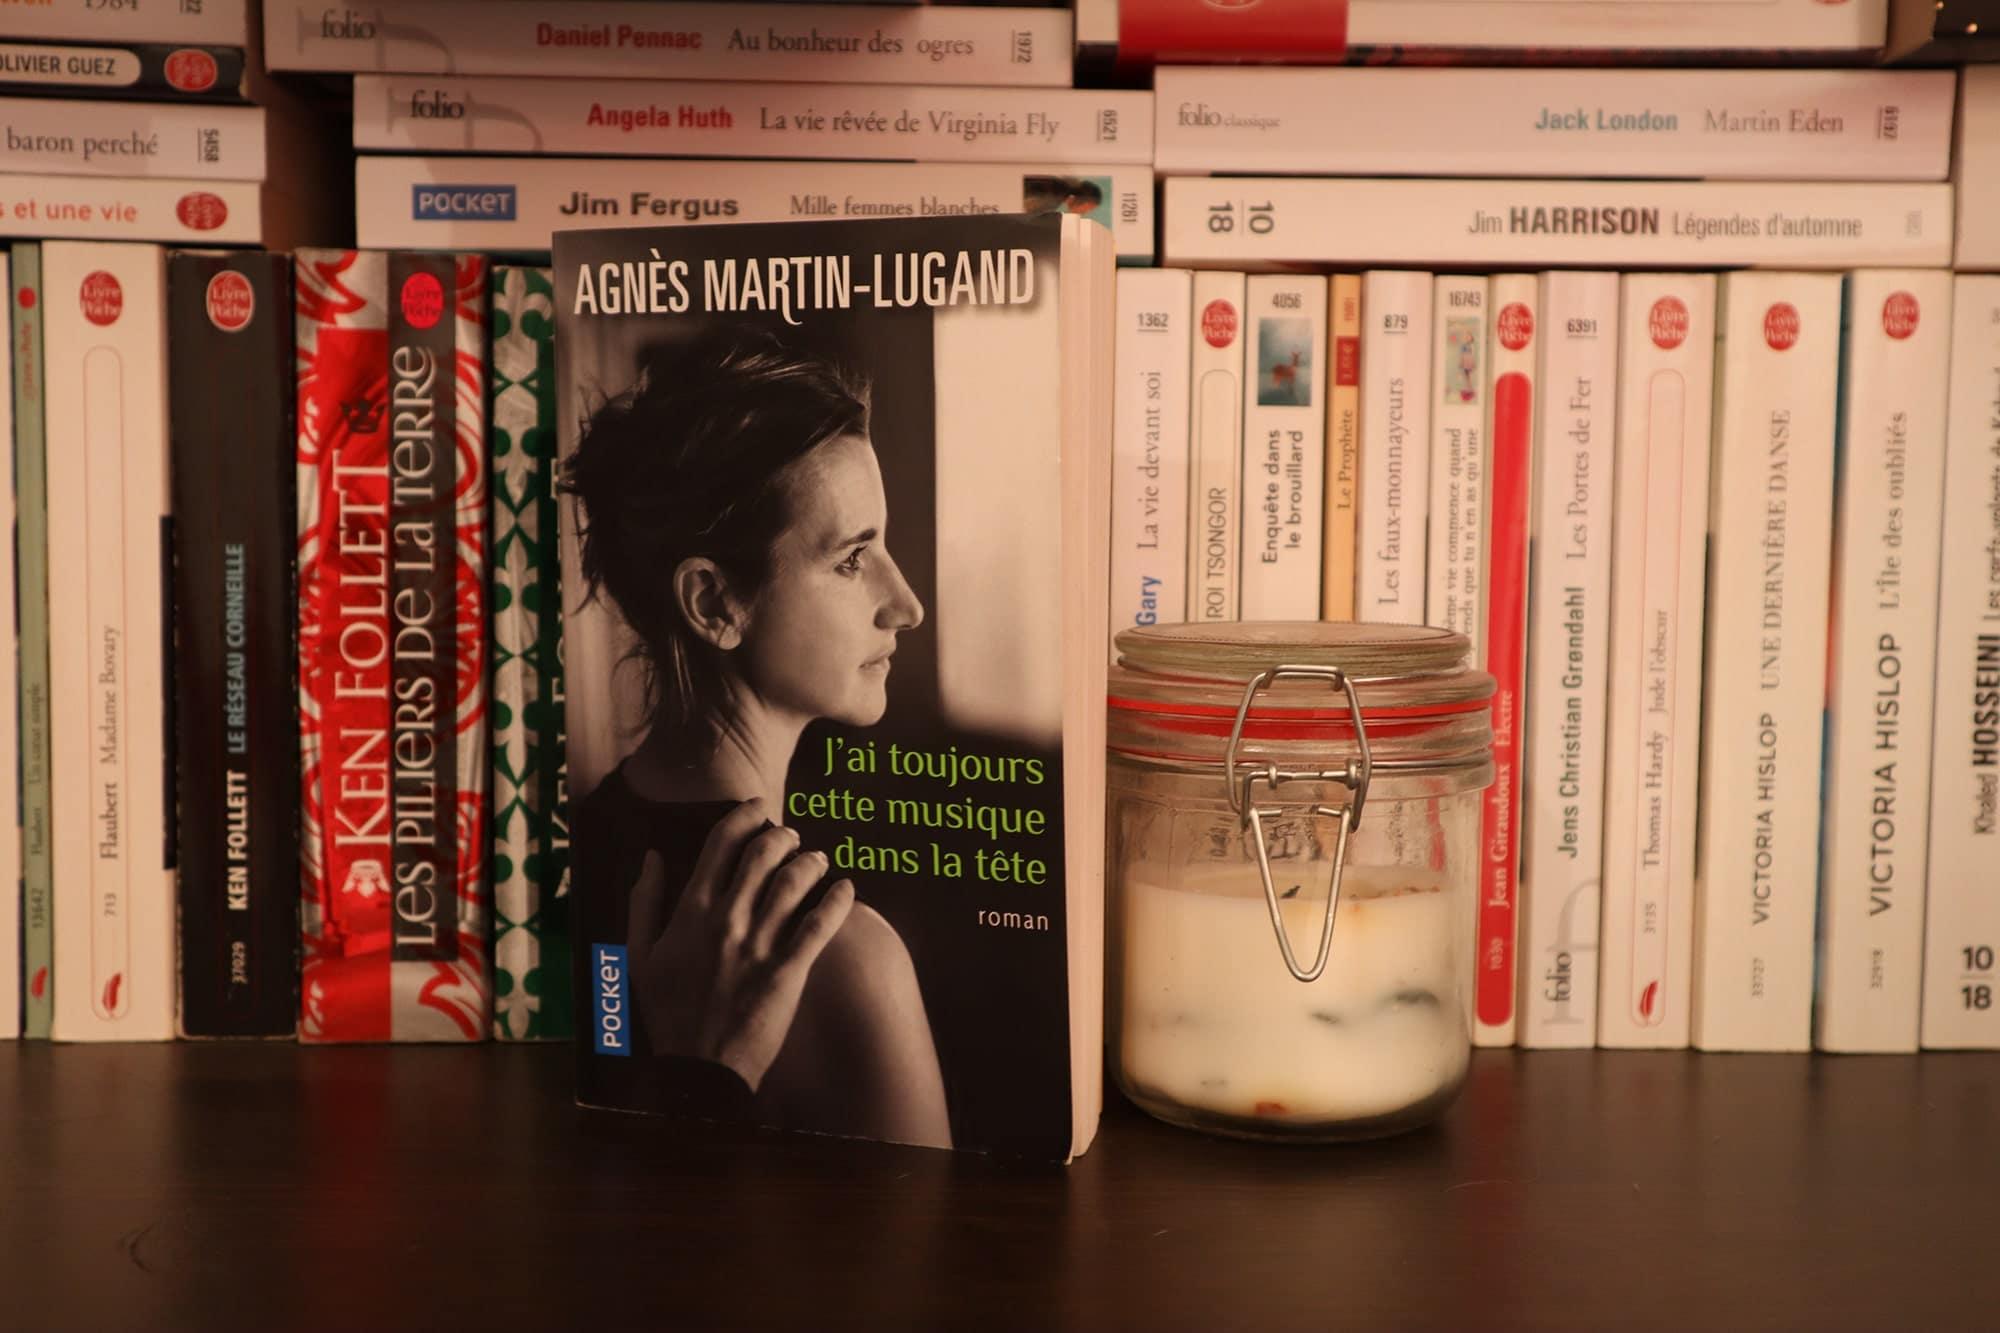 J'ai toujours cette musique dans la tête, Agnès Martin-Lugand – 2017 – Ed. Pocket, 384 p.